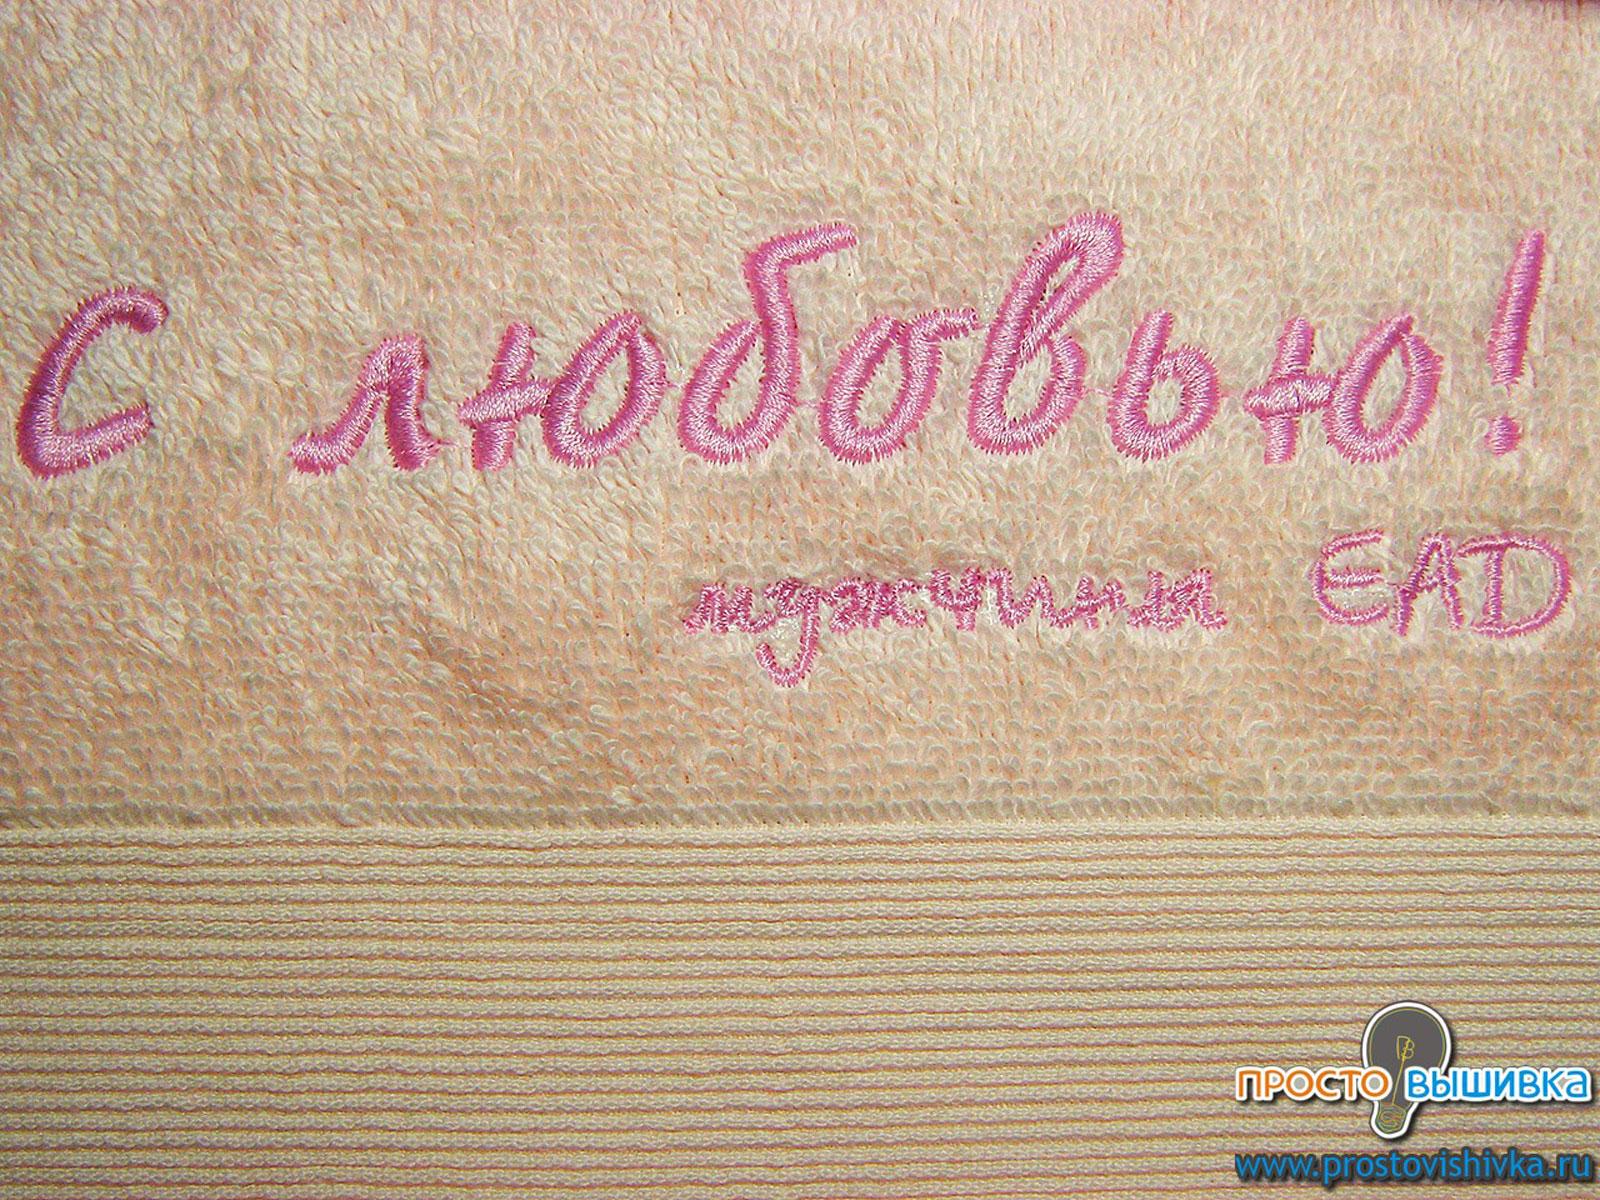 Надписи вышивка фото